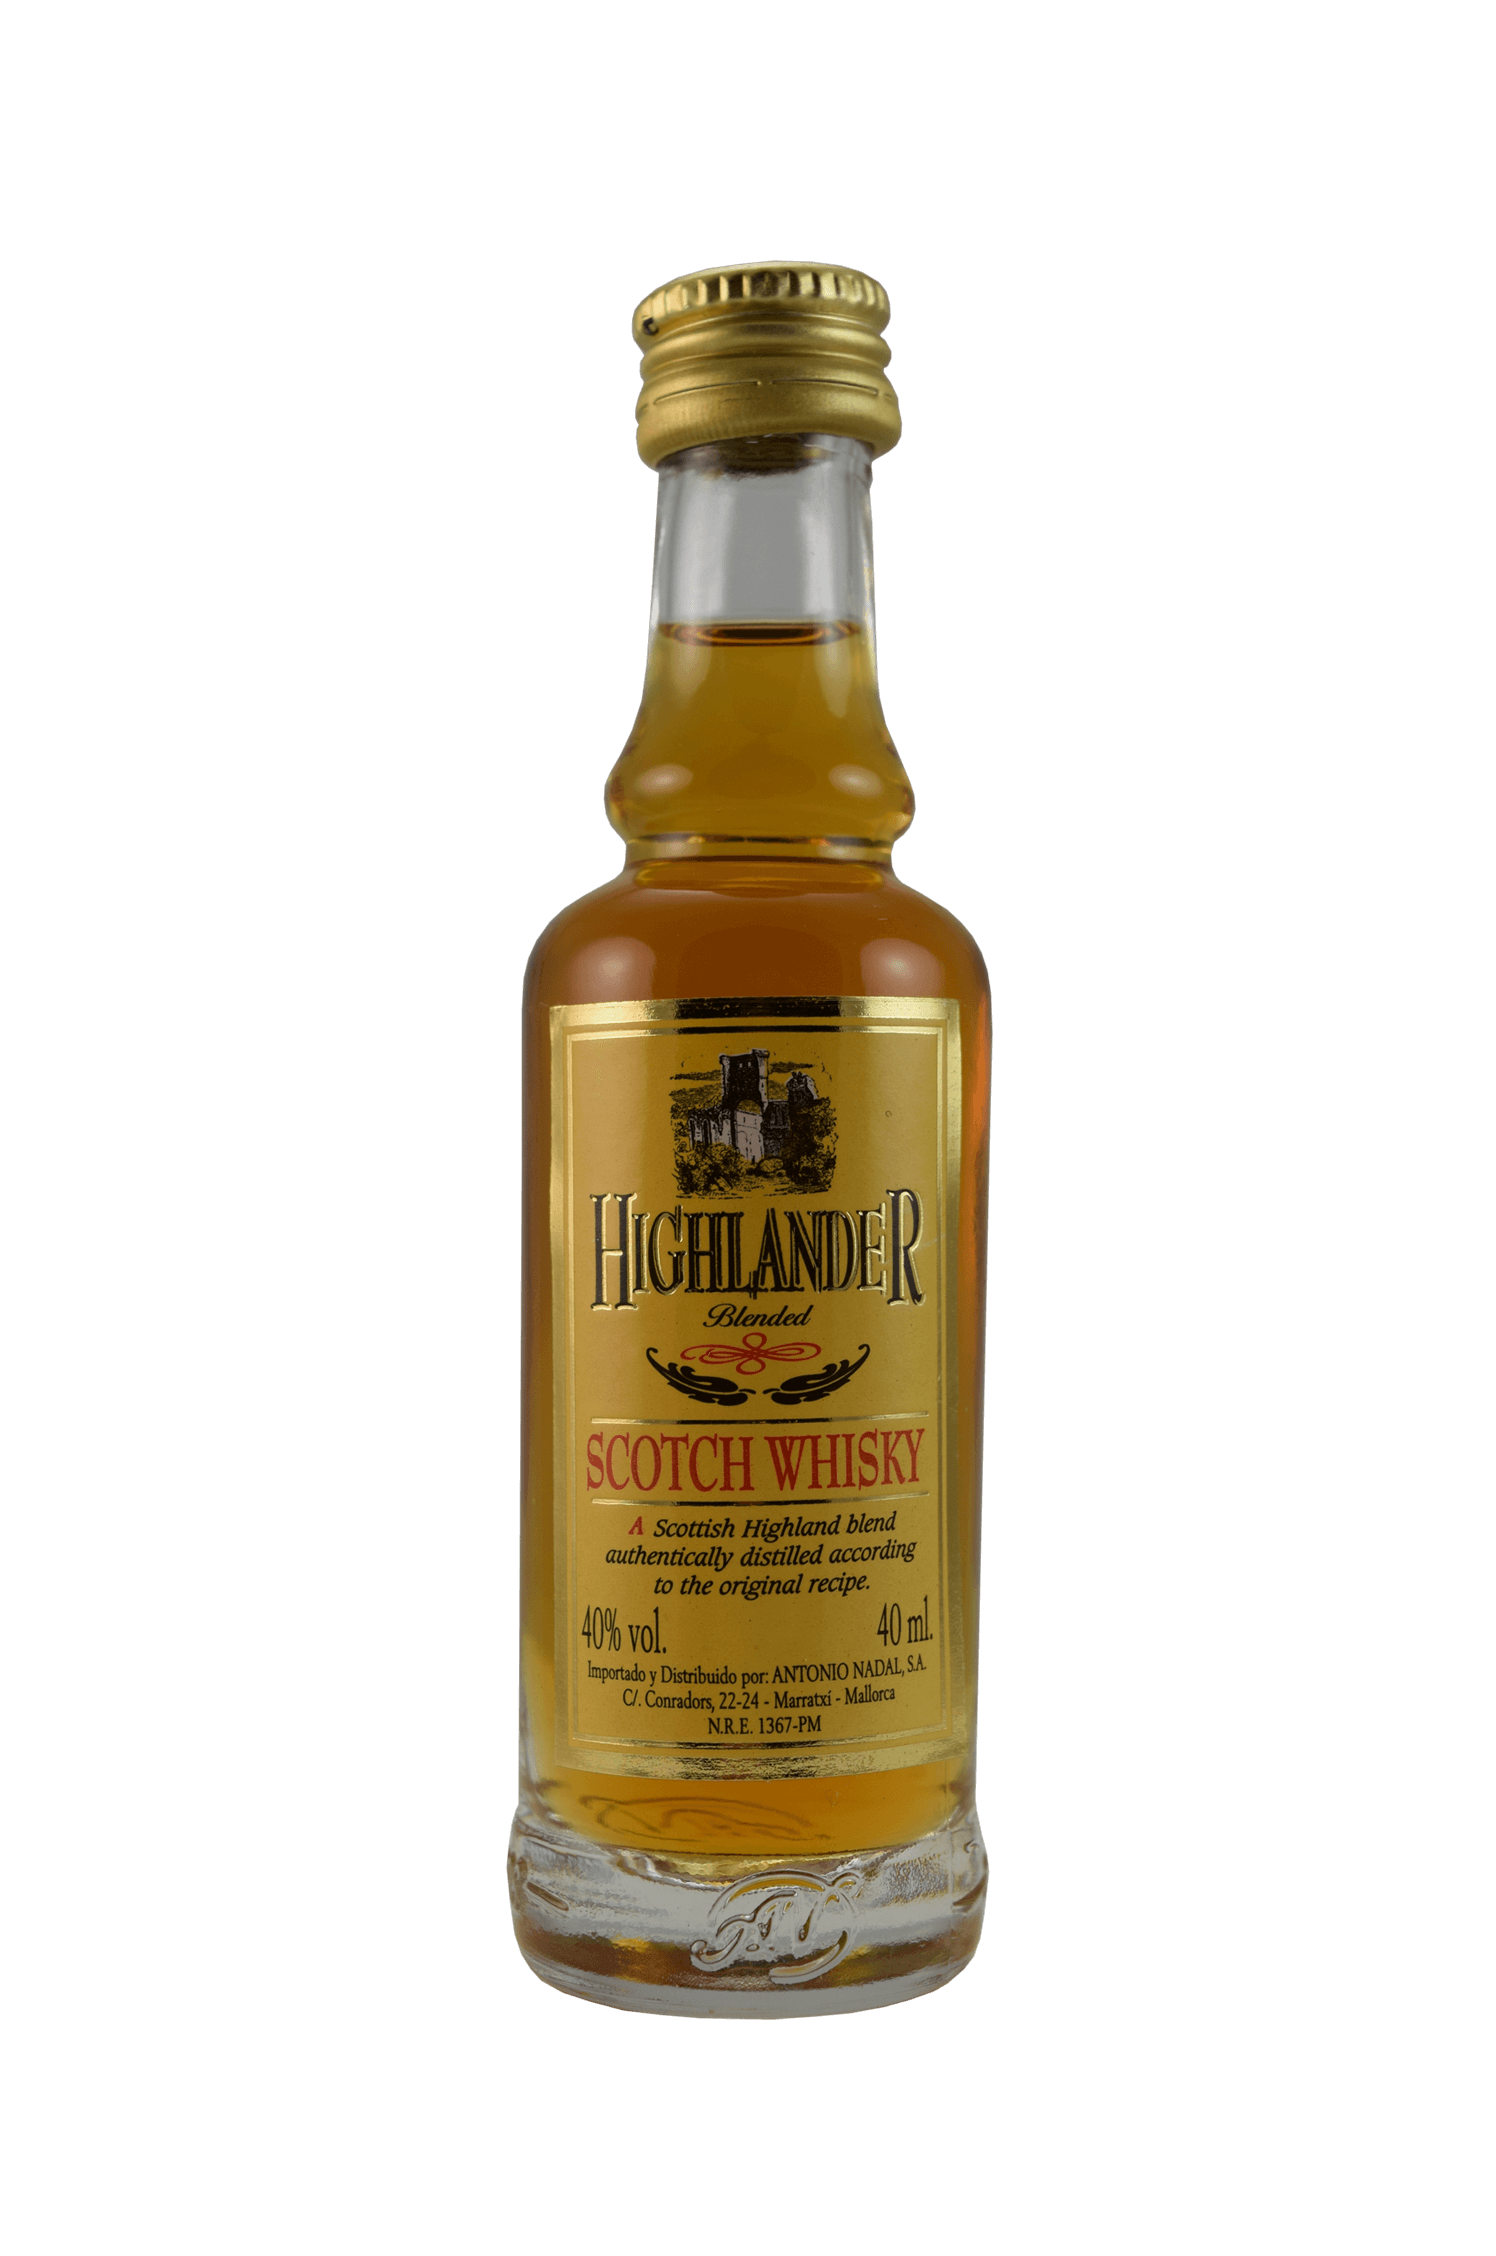 Highlander Scotch Whisky